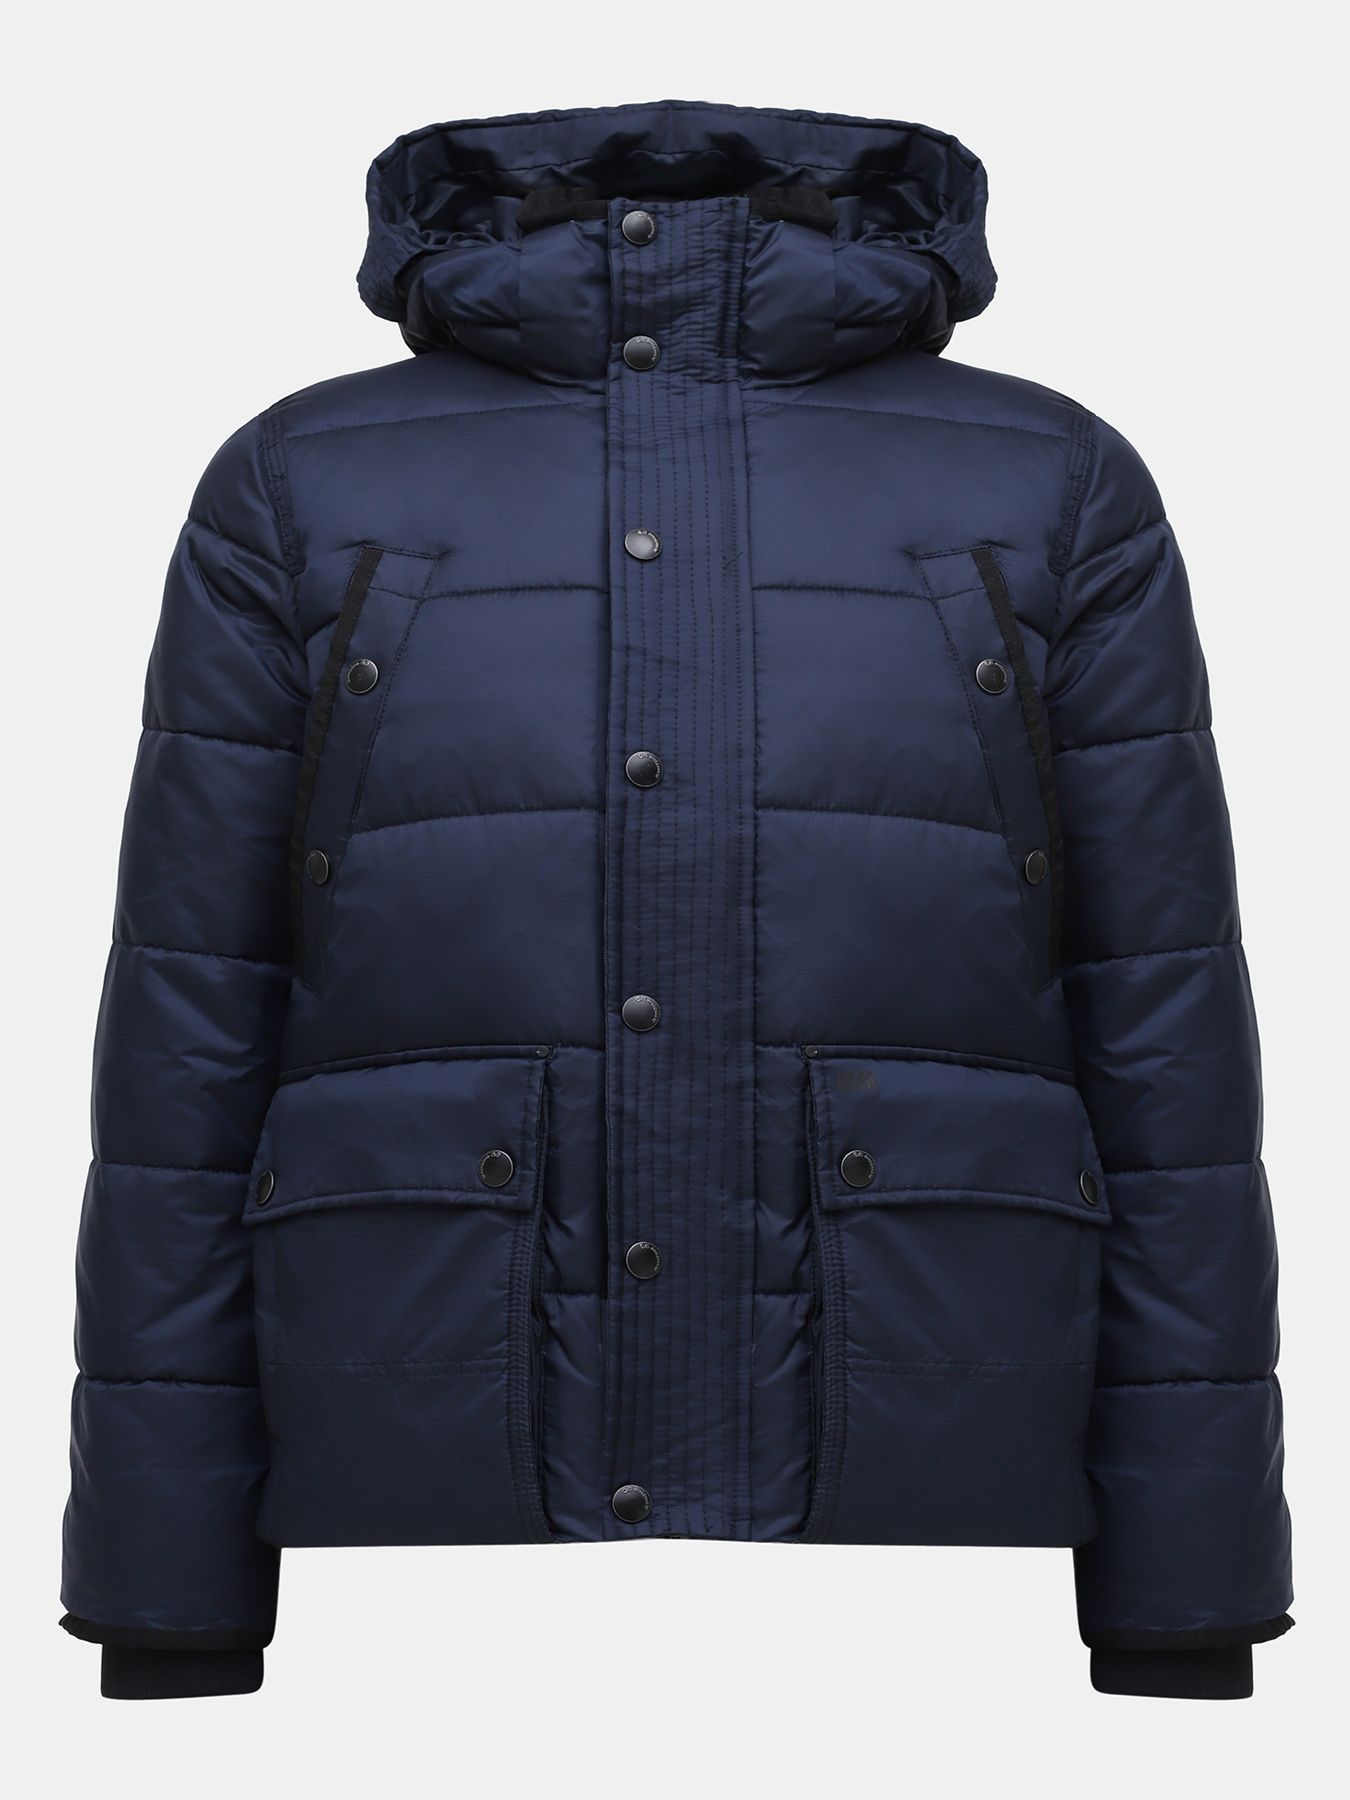 QS designed by Куртка